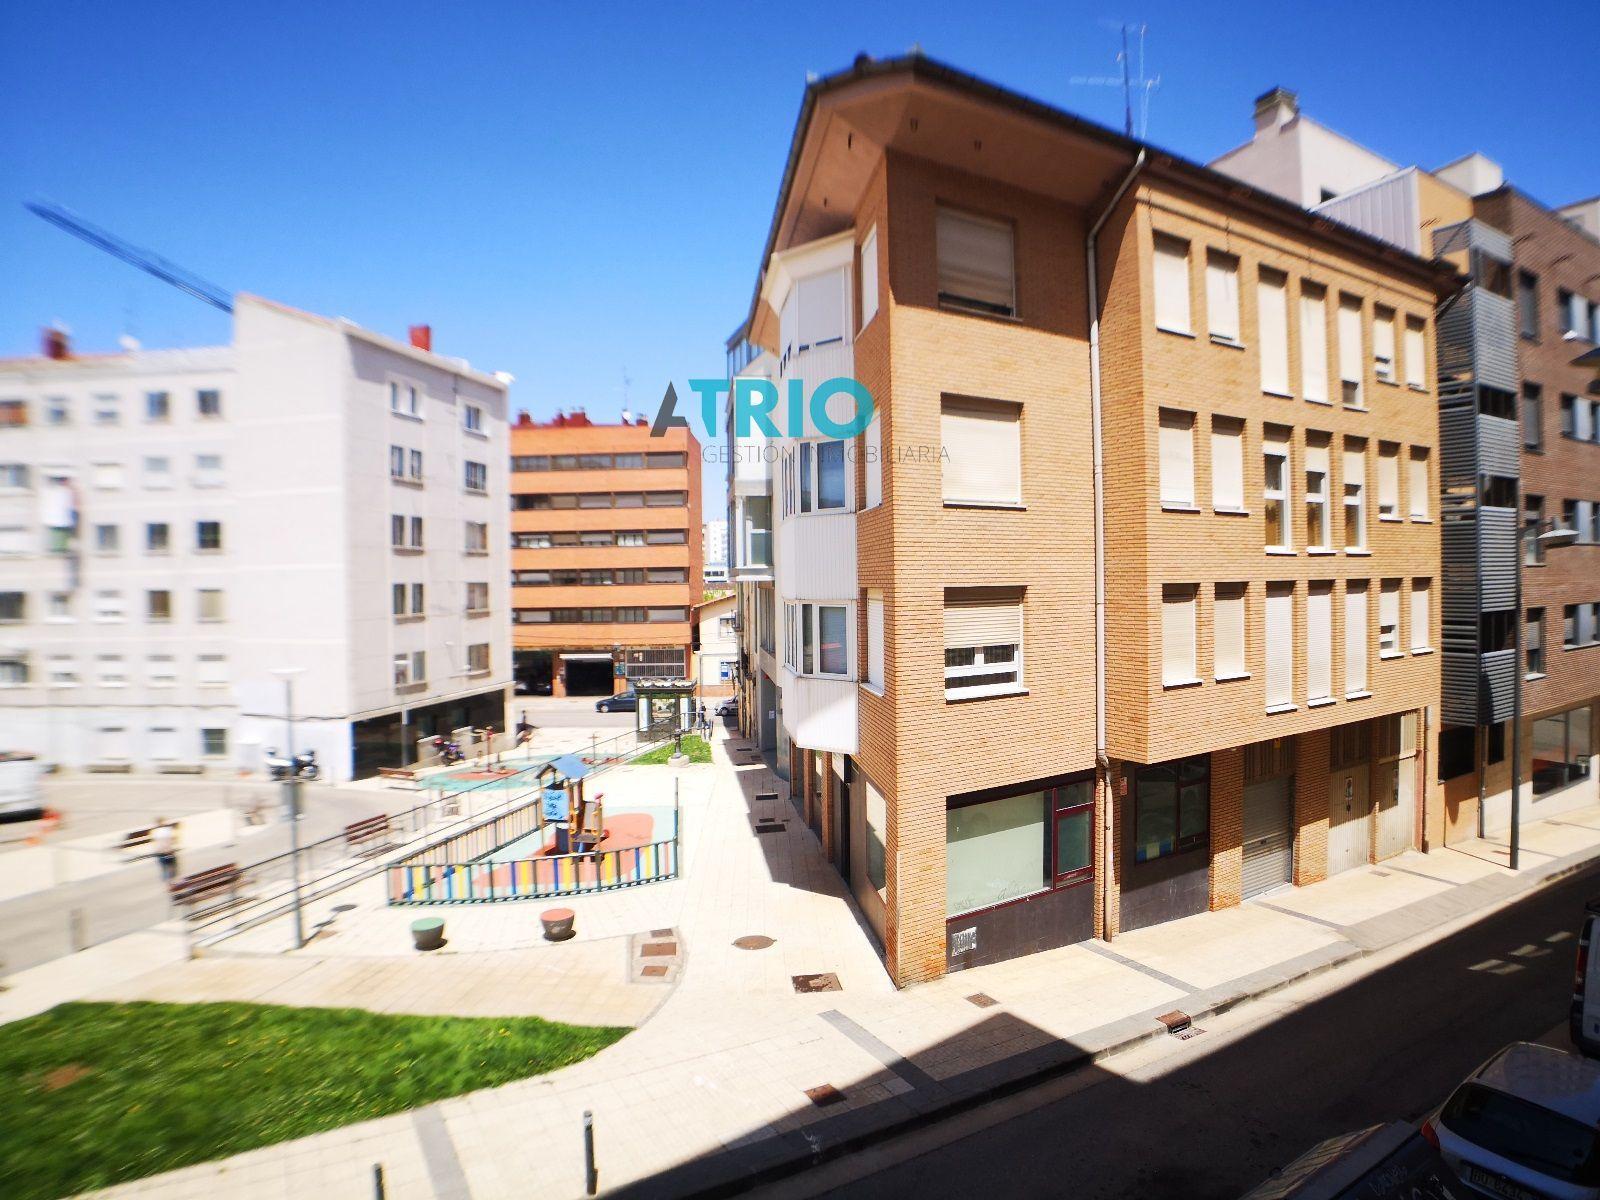 dia.mobiliagestion.es/Portals/inmoatrio/Images/6875/4991008